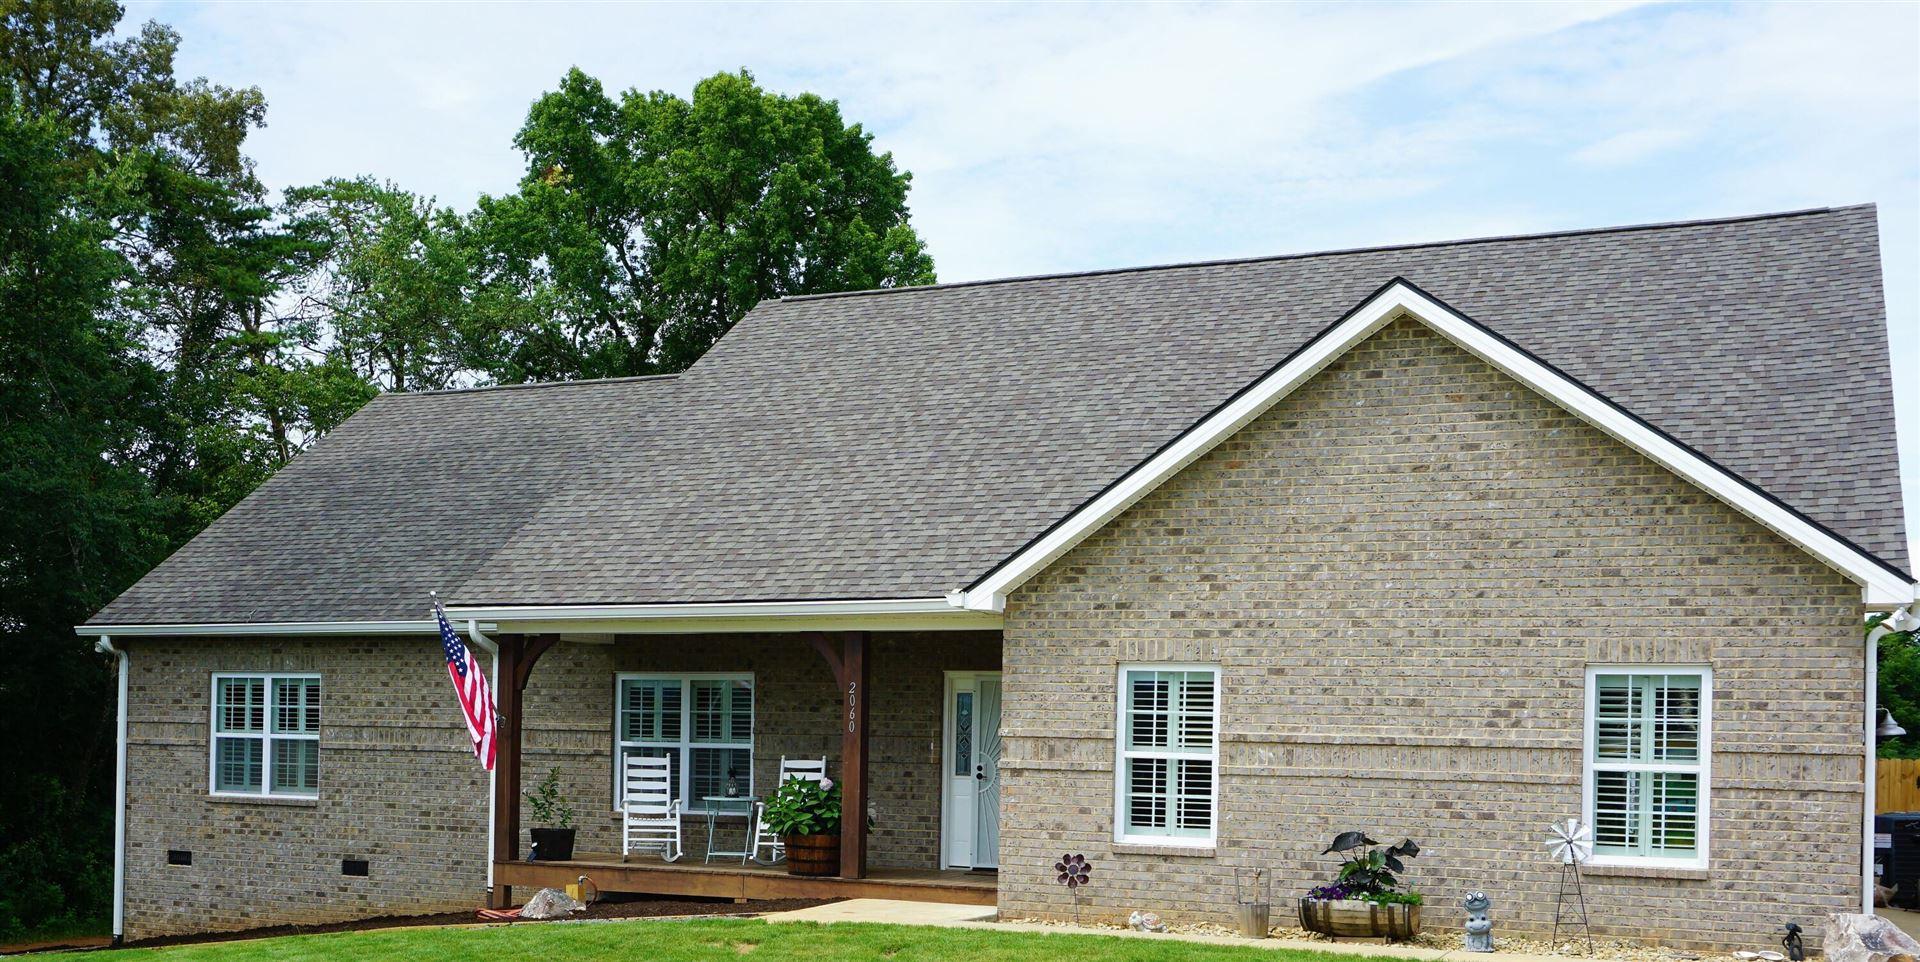 Photo of 2060 Angus Blvd, Maryville, TN 37803 (MLS # 1160665)